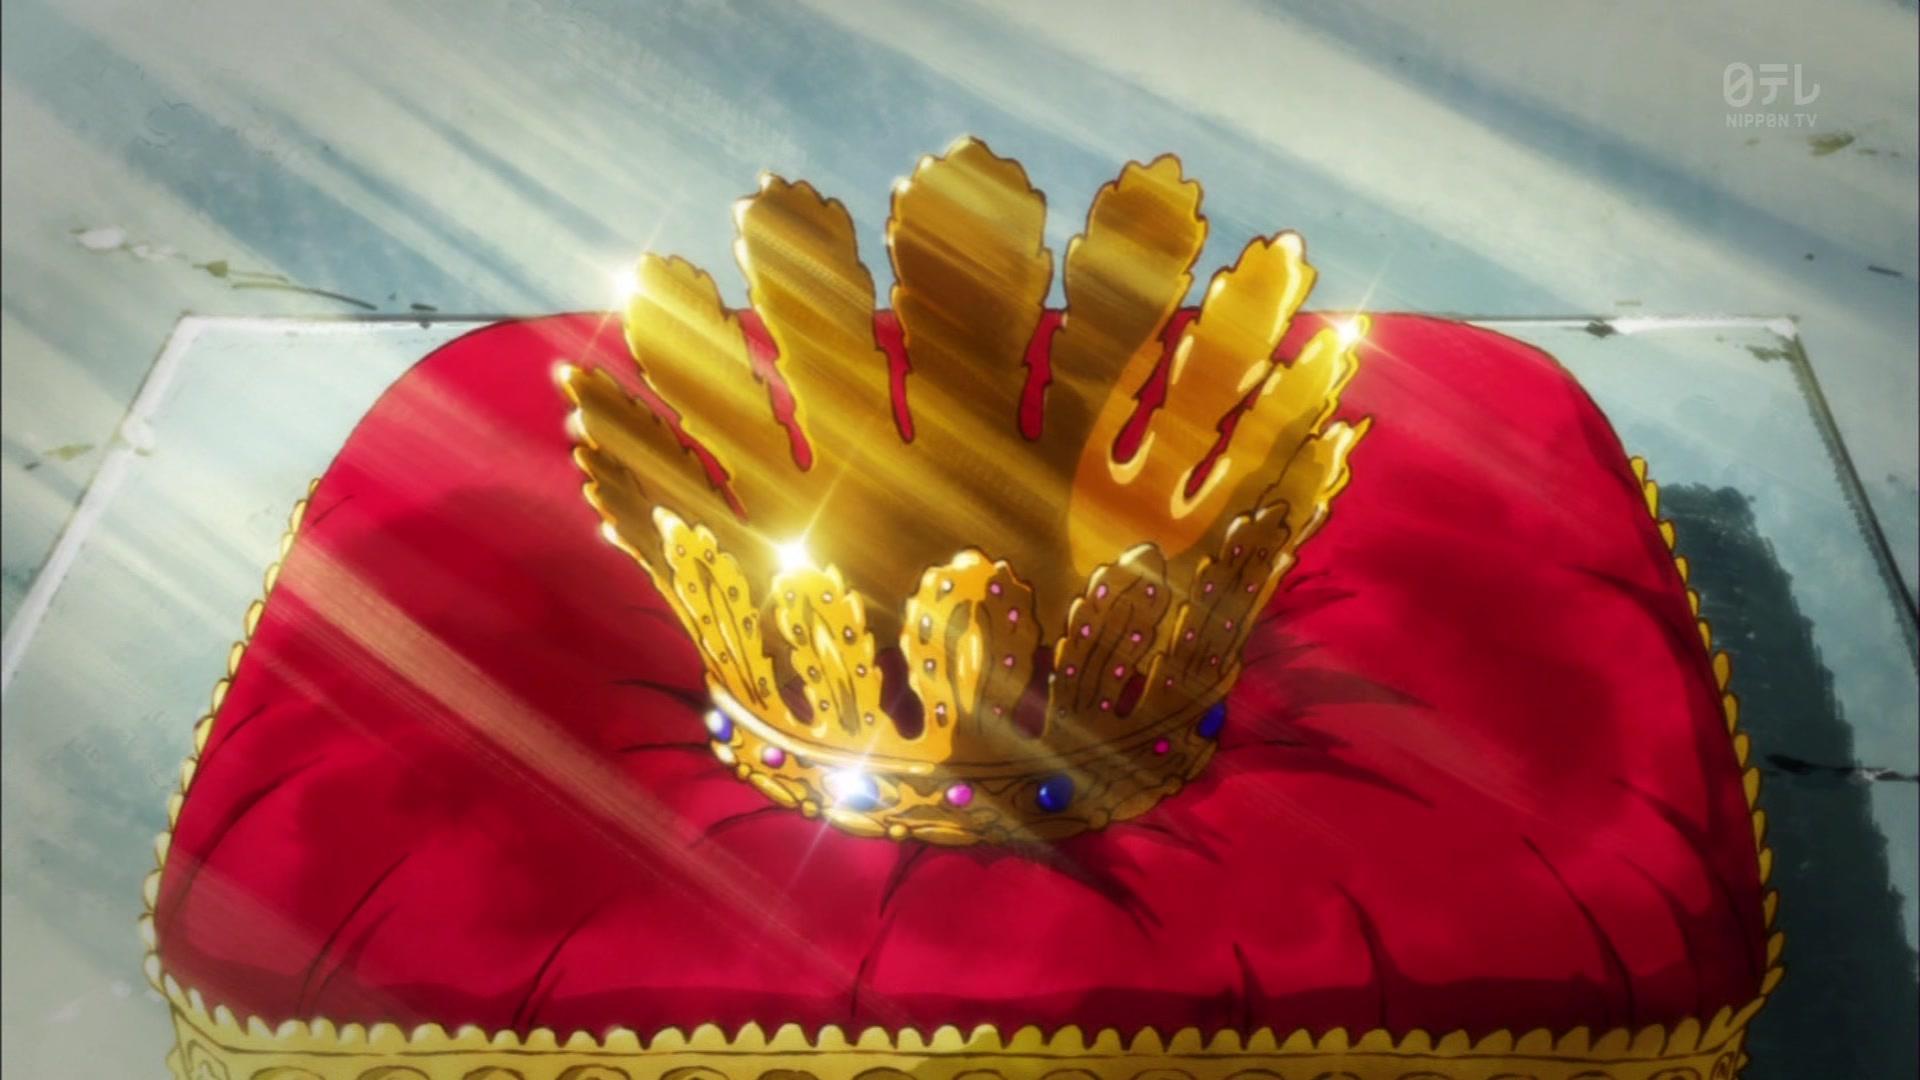 2015-10-01 26:50 ルパン三世 「ルパン三世の結婚」#1 2235